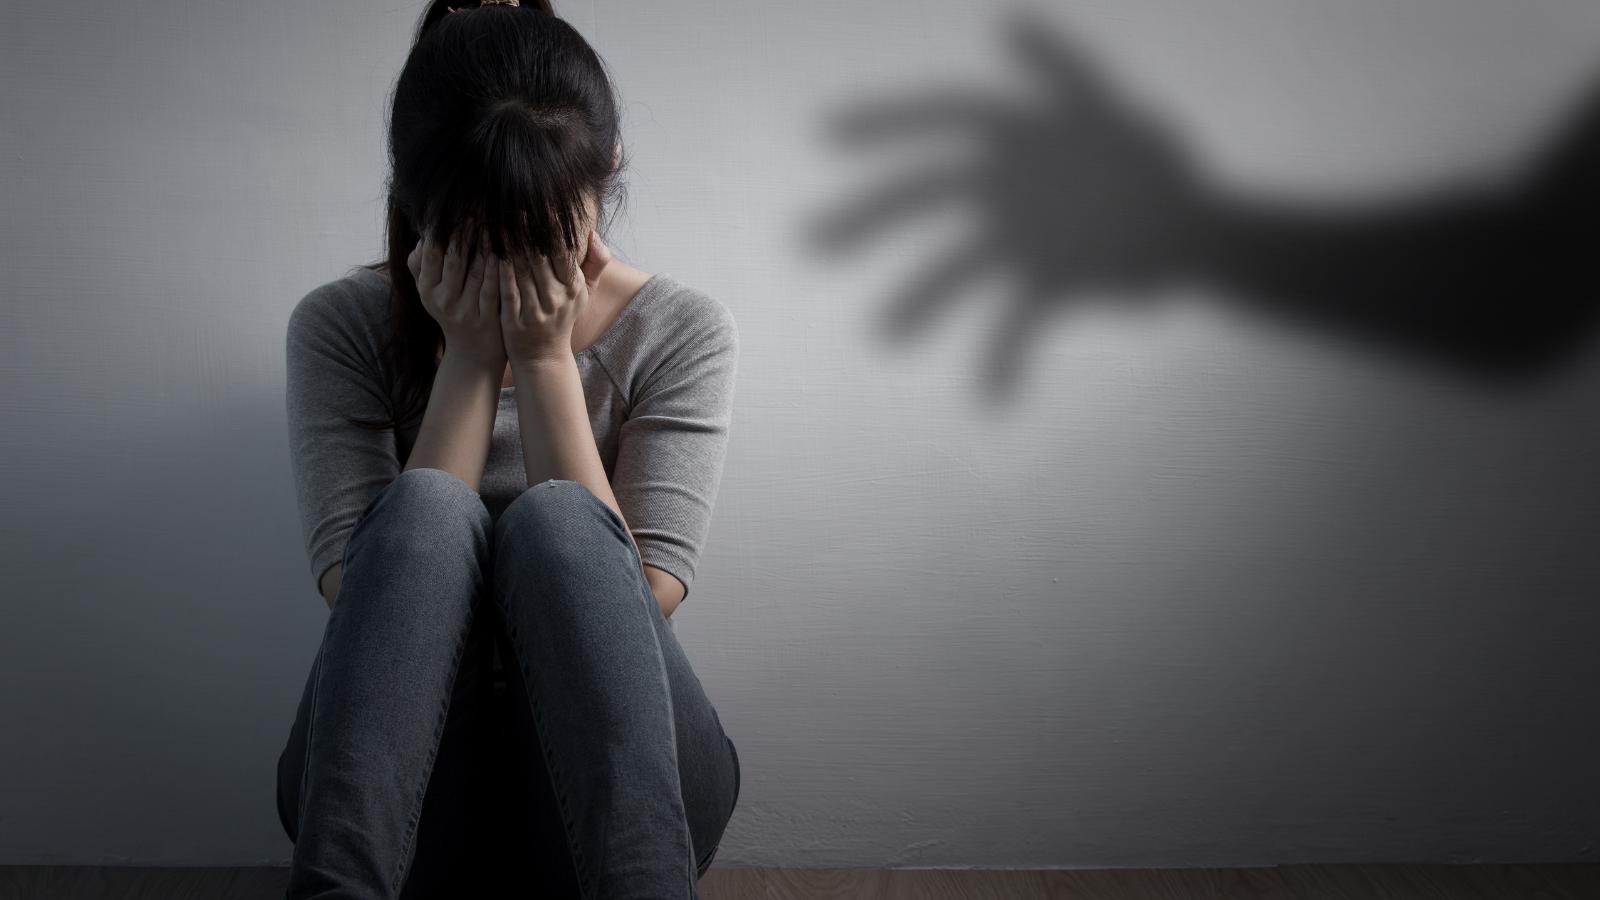 SMID-Maksud Ingin Pindahkan Janin, Pelajar Ini Jadi Korban Dukun Cabul